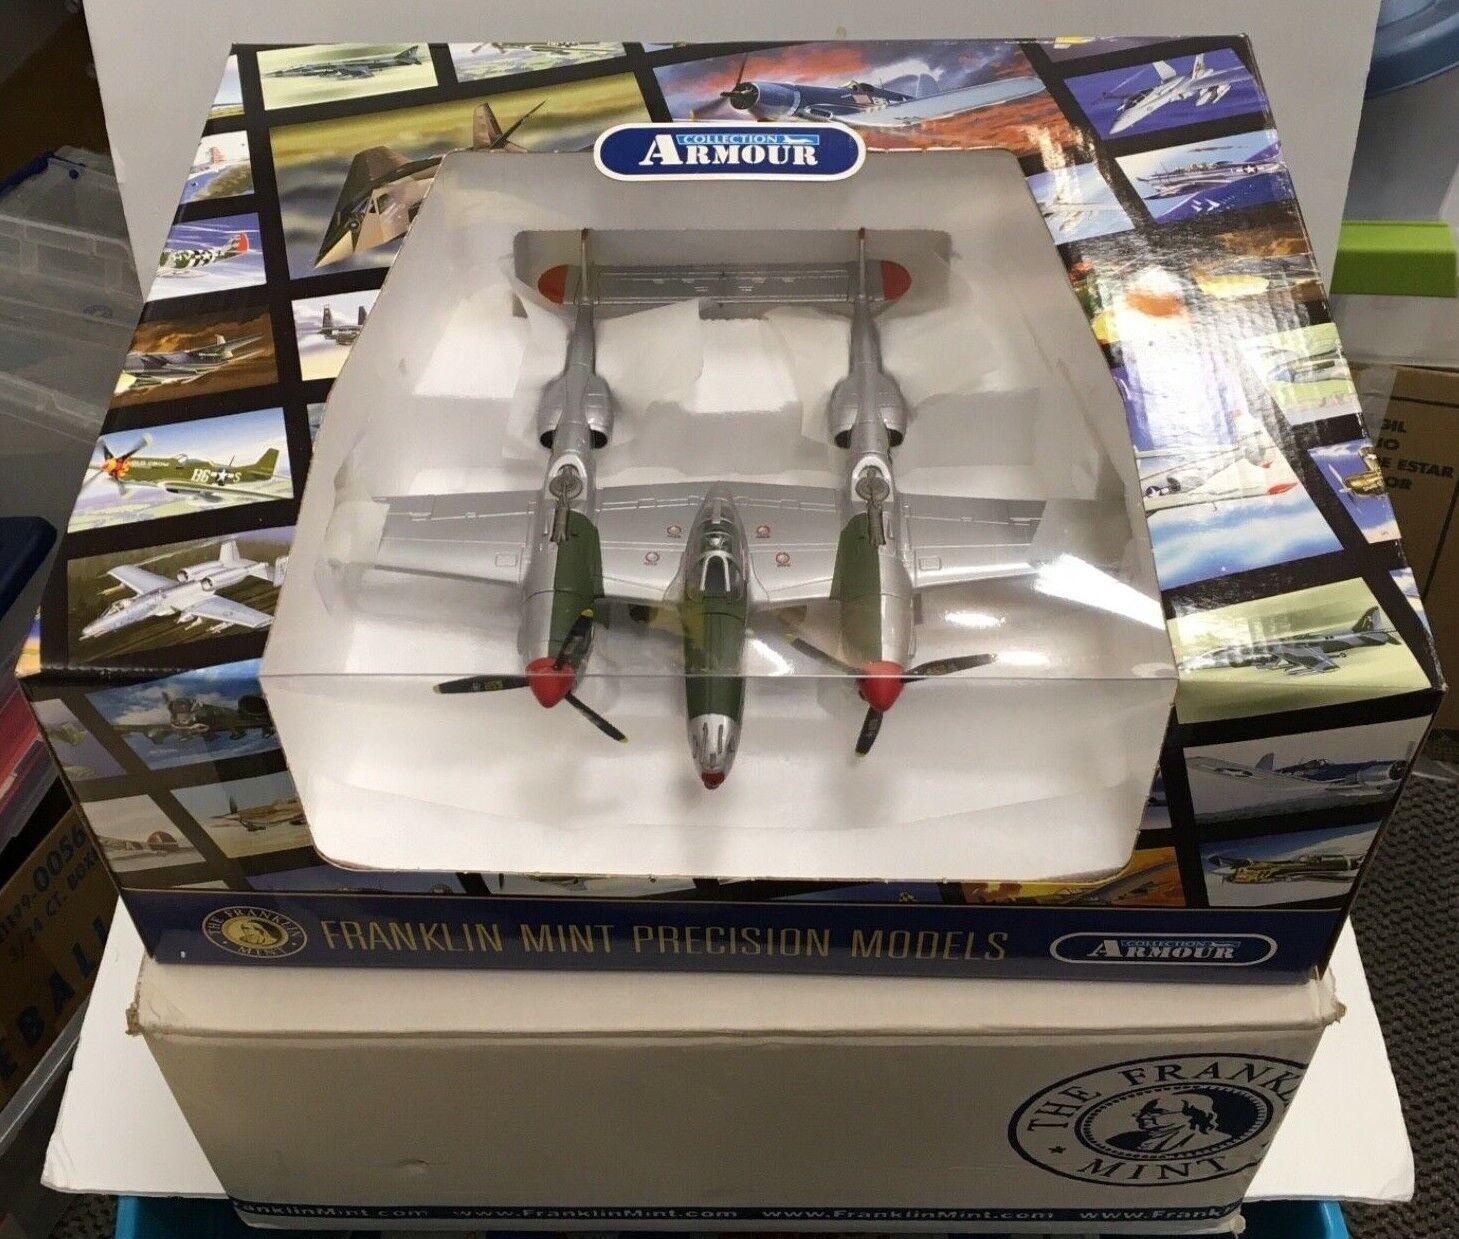 NEW STILL STILL STILL IN BOX FRANKLIN MINT P-38 DIE CAST MODEL AIRPLANE B11 B280 90689a